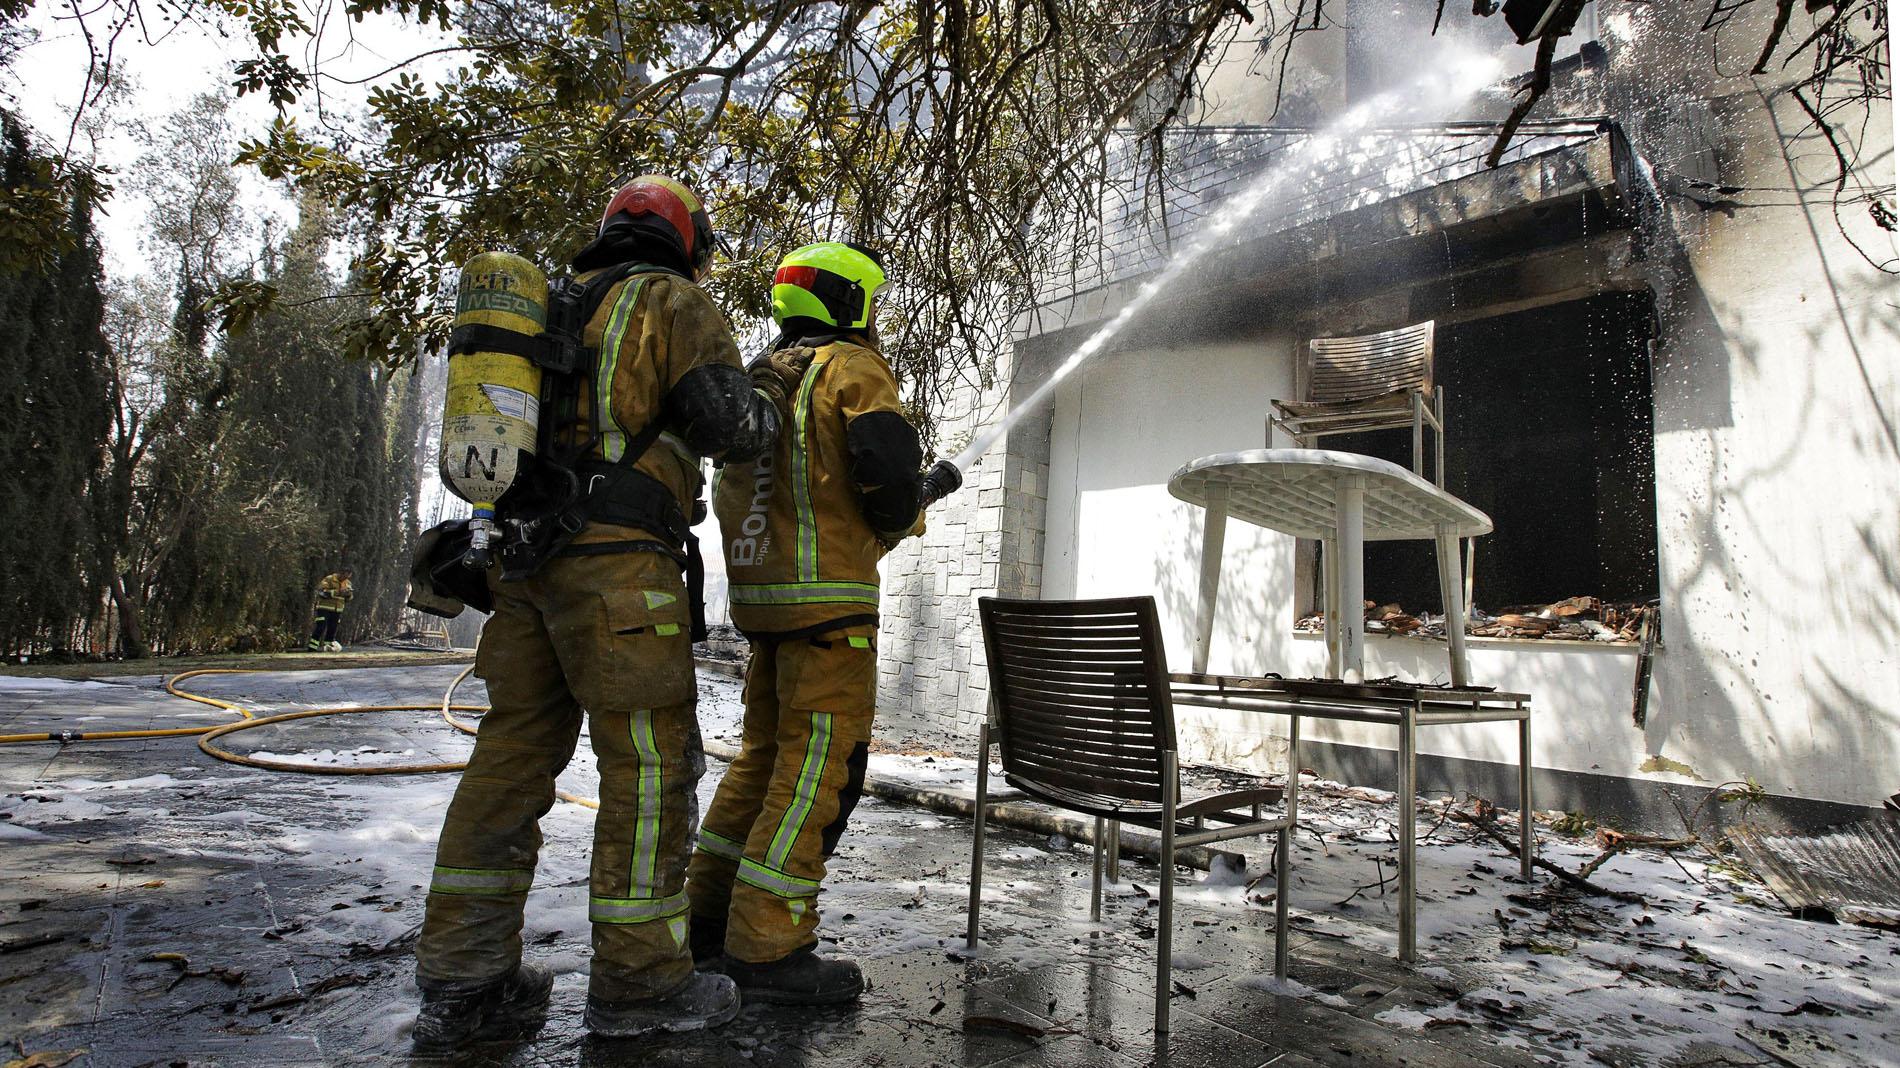 El incendio de Llutxent deja a cientos de vecinos sin agua ni luz